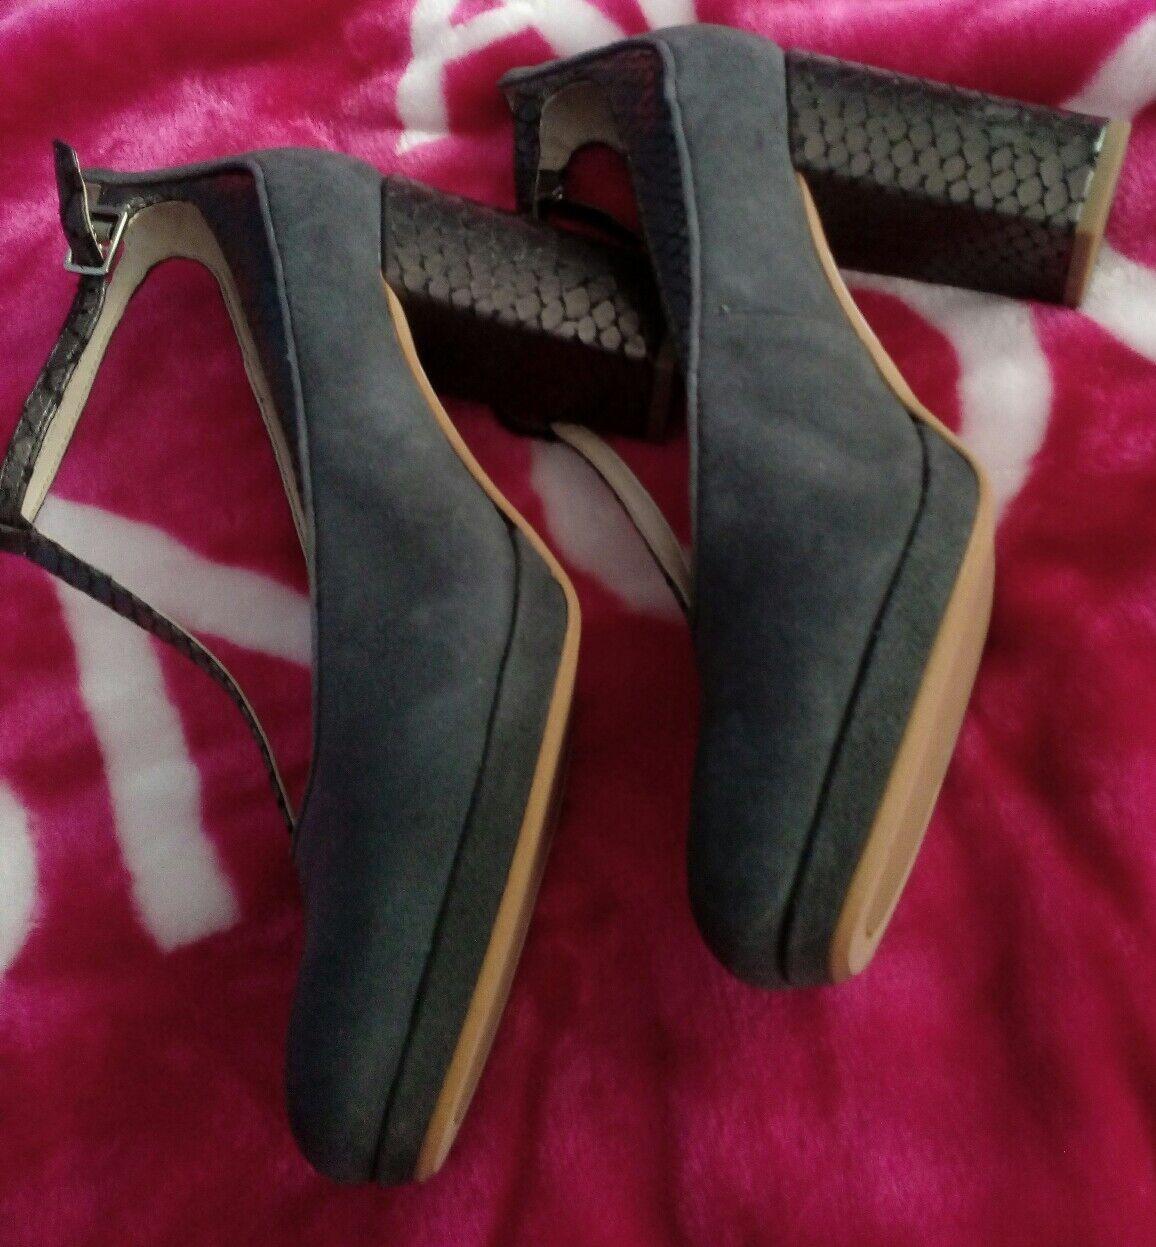 Clarks Court shoes shoes shoes Grey  MIST  Suede Crocodile Effect Block Heel Smart 633c20